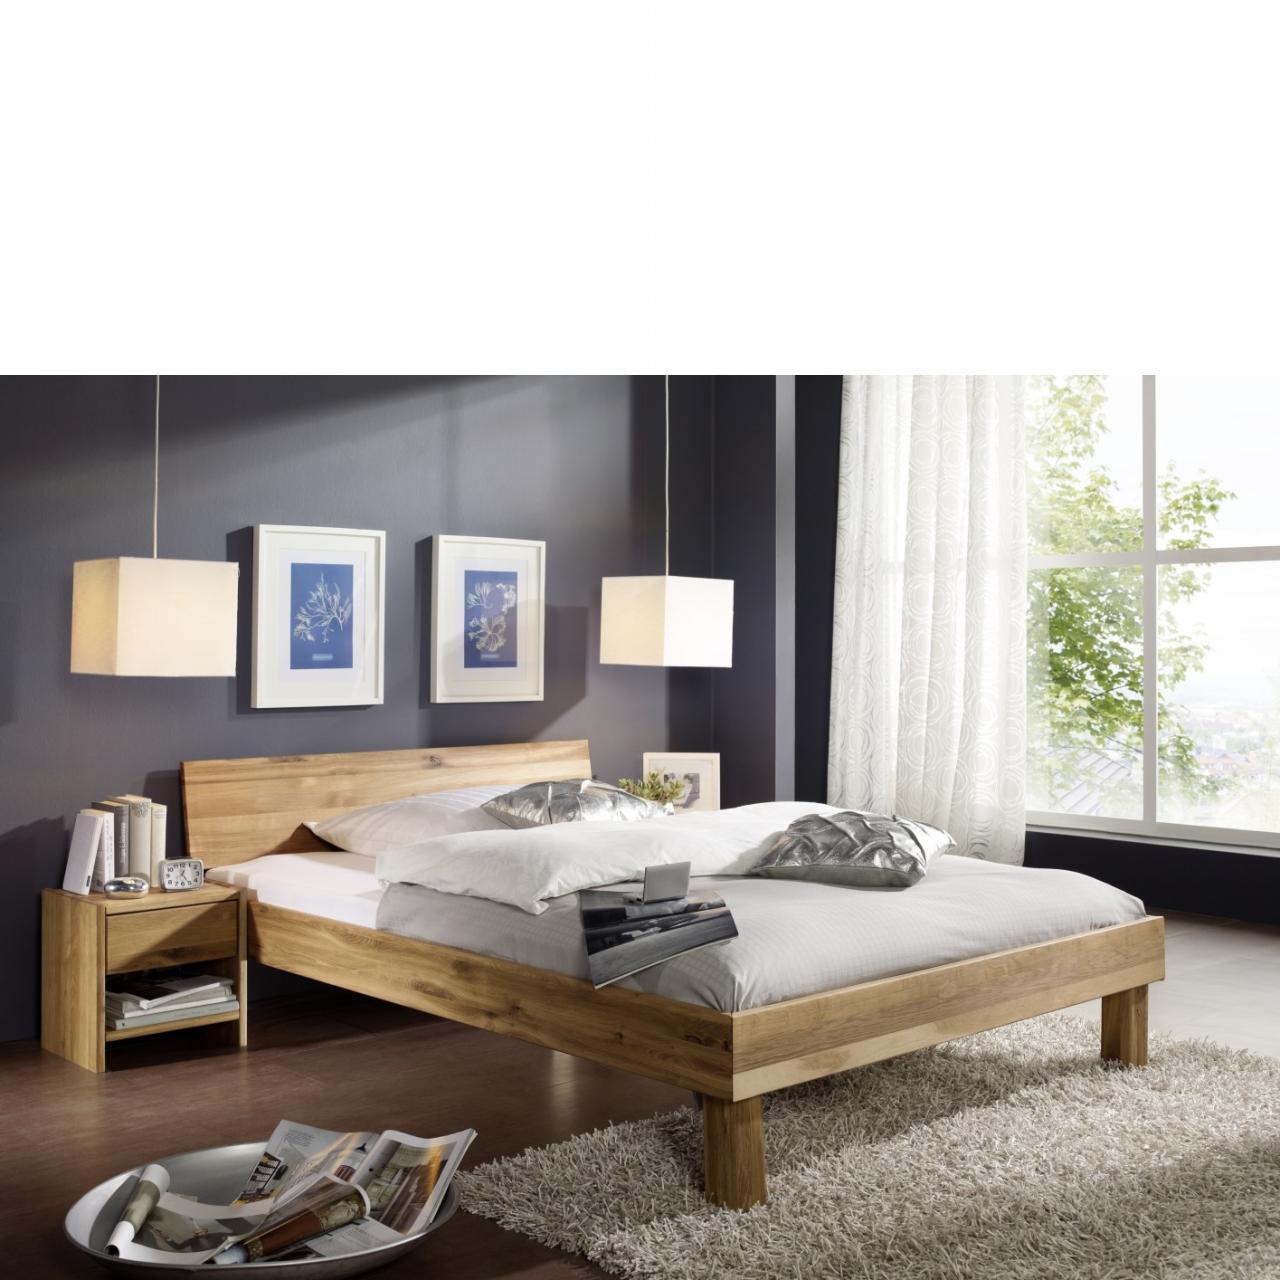 Bett Campino A Kopfteil Geschlossen Kernbuche Massiv 180x200 Schlafzimmer